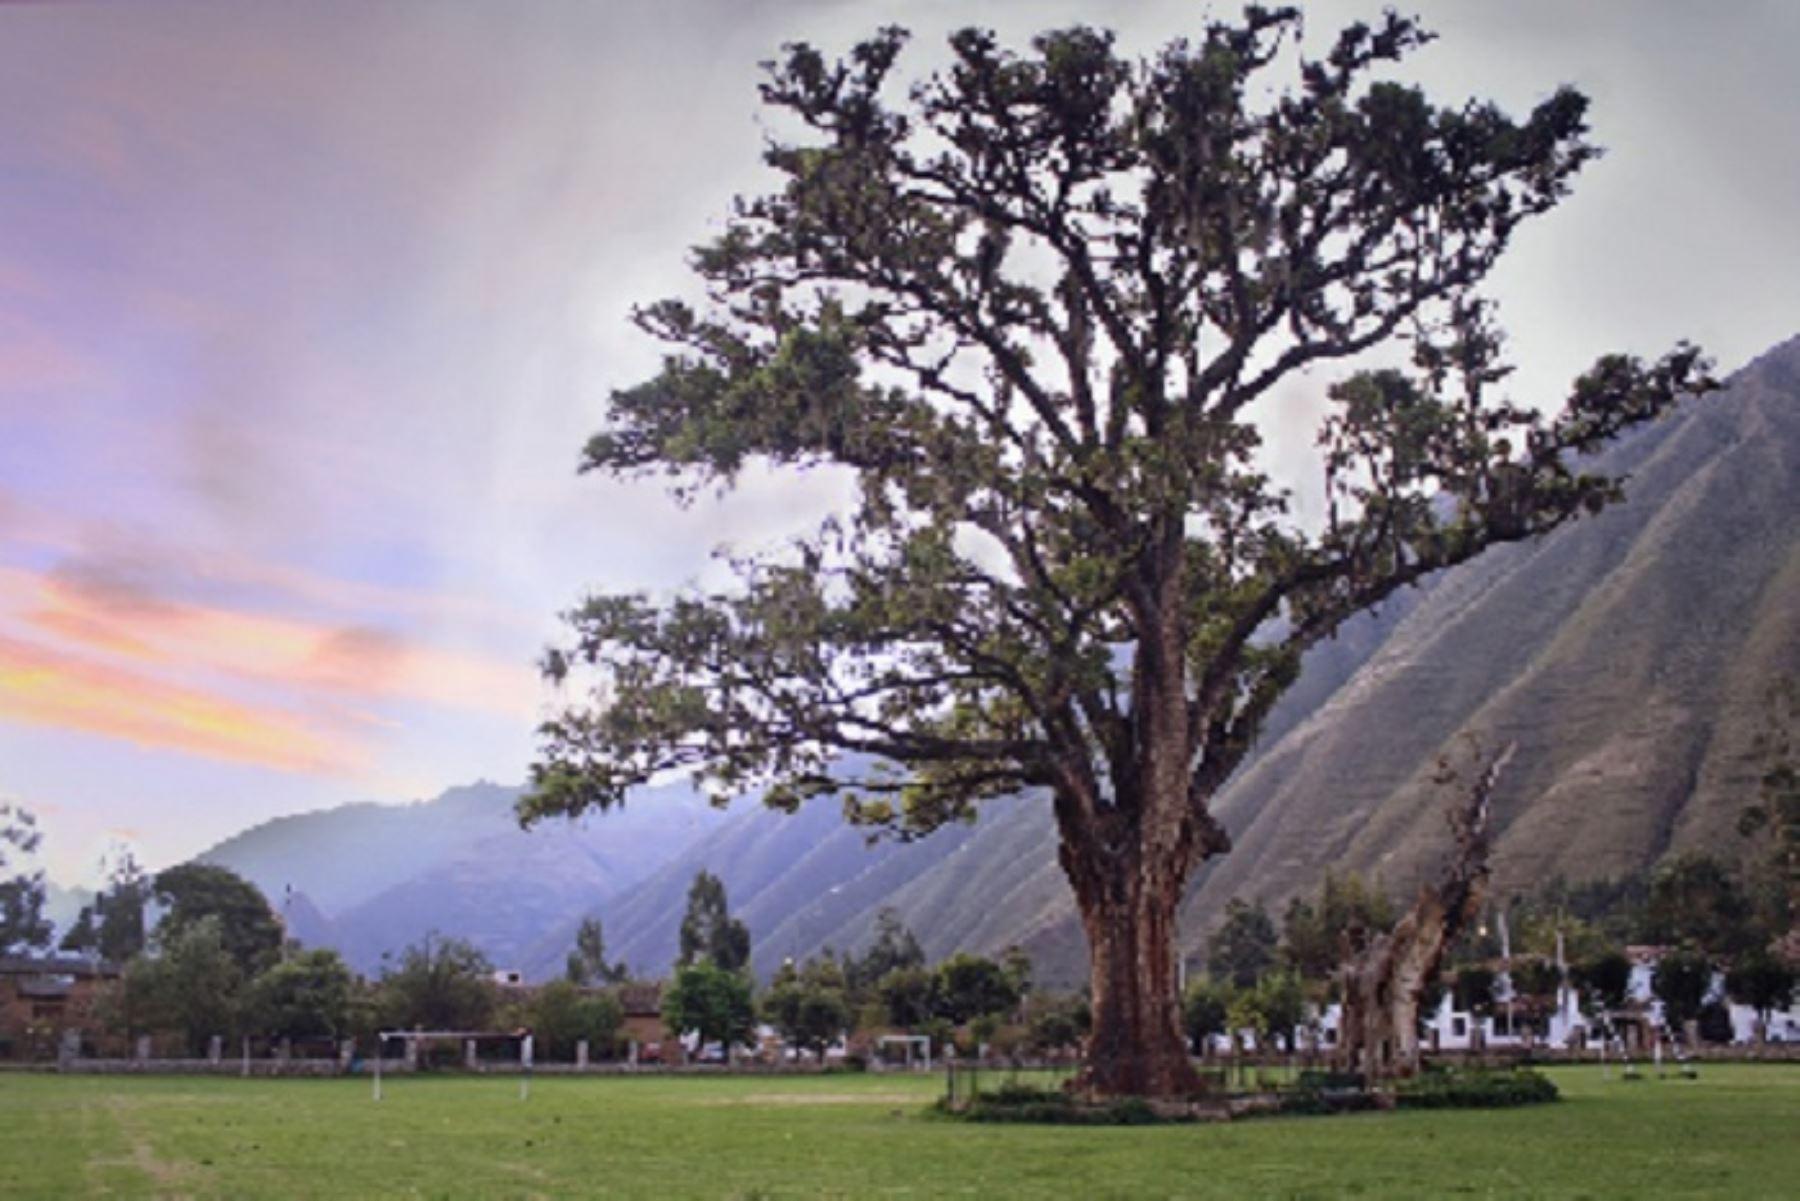 La historia del pisonay, de 196 años, está vinculada a la visita de Simón Bolívar a los Andes peruanos y a su paso por Yucay, donde -cuentan los pobladores- el libertador plantó cuatro árboles de la especie pisonay, de los cuales solo el citado queda vivo y en pie.